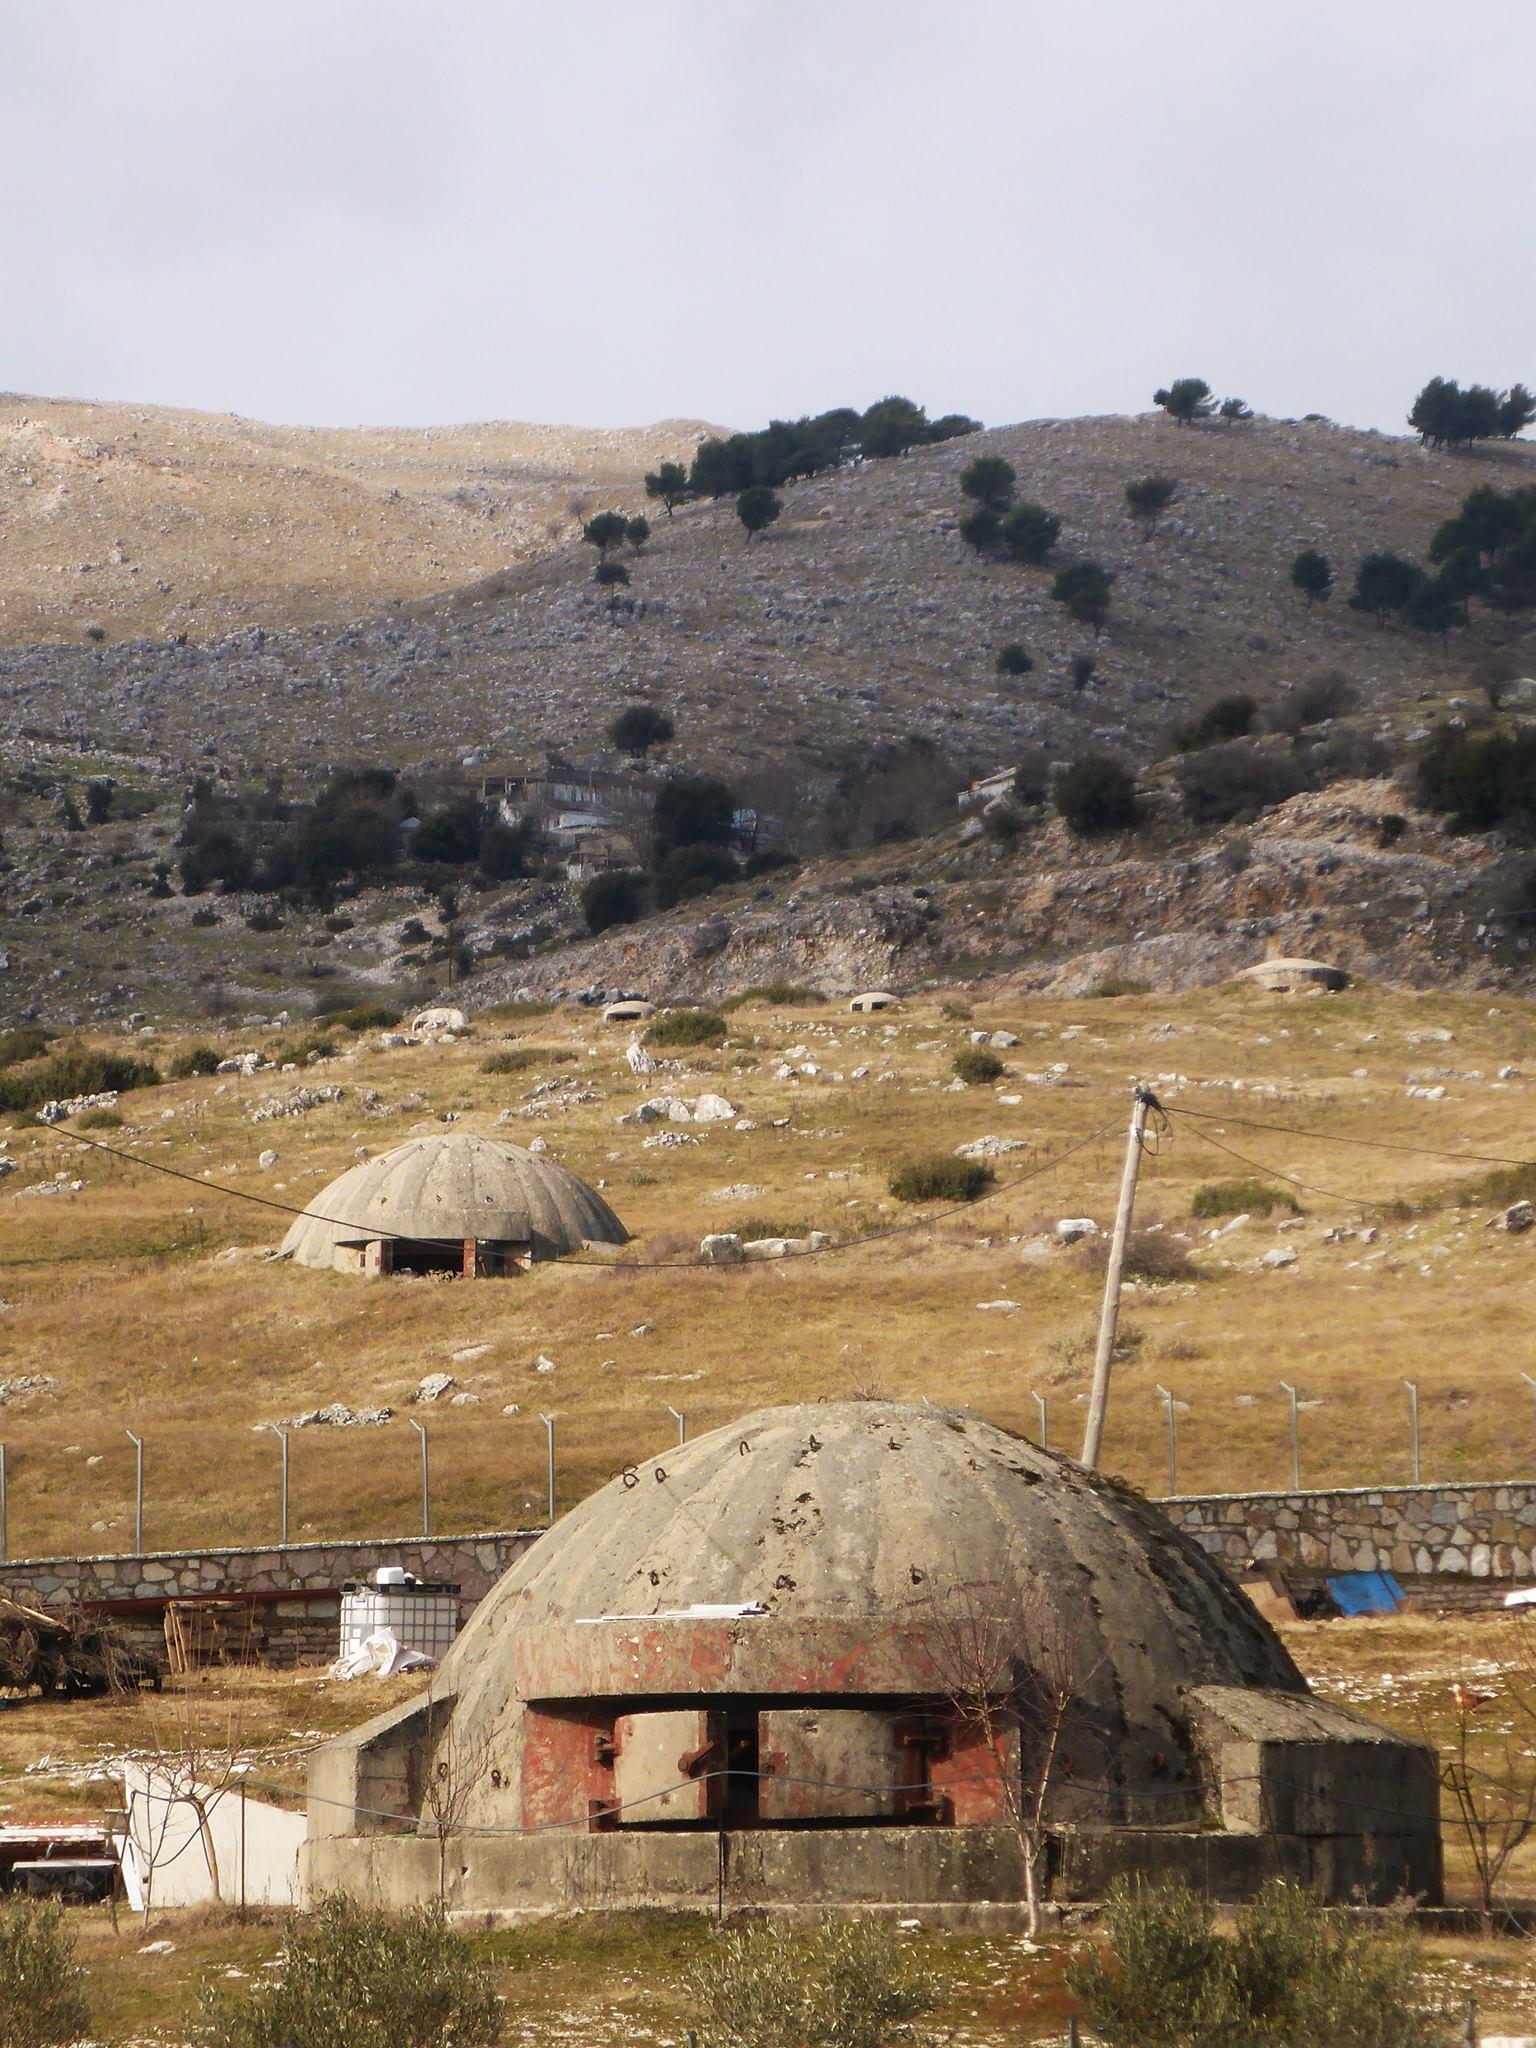 Il y a plus de 700 000 bunkers dispersés dans tout le pays. Cela dut à une paranoïa assez prononcée de l'ancien dictateur Enver Hoxha